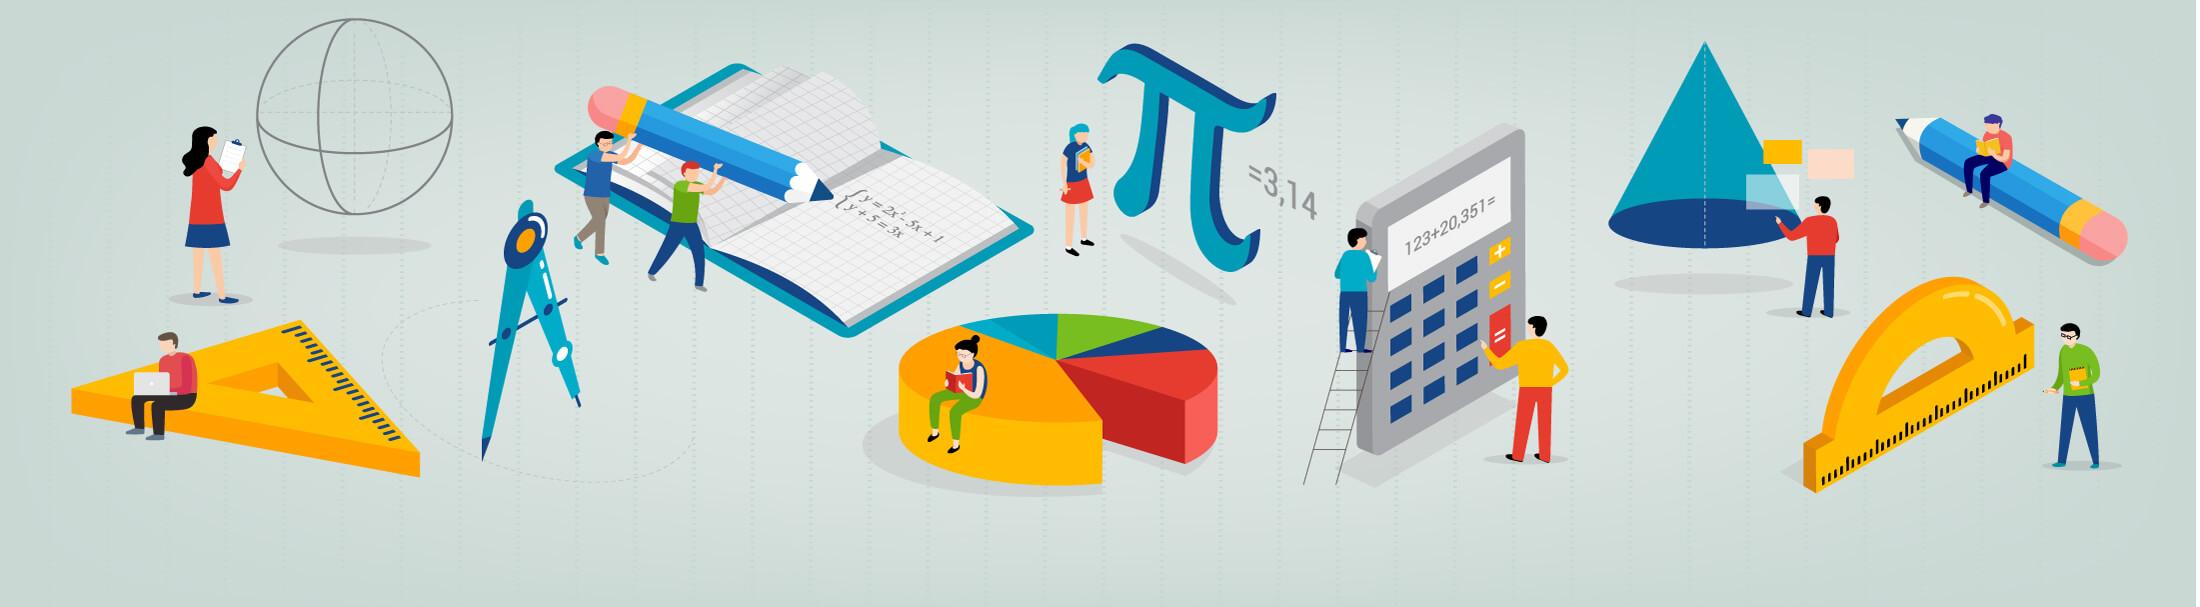 پیشنهادهایی برای پاسخ به یک سؤال معمولاً بیجواب: چرا ریاضی؟